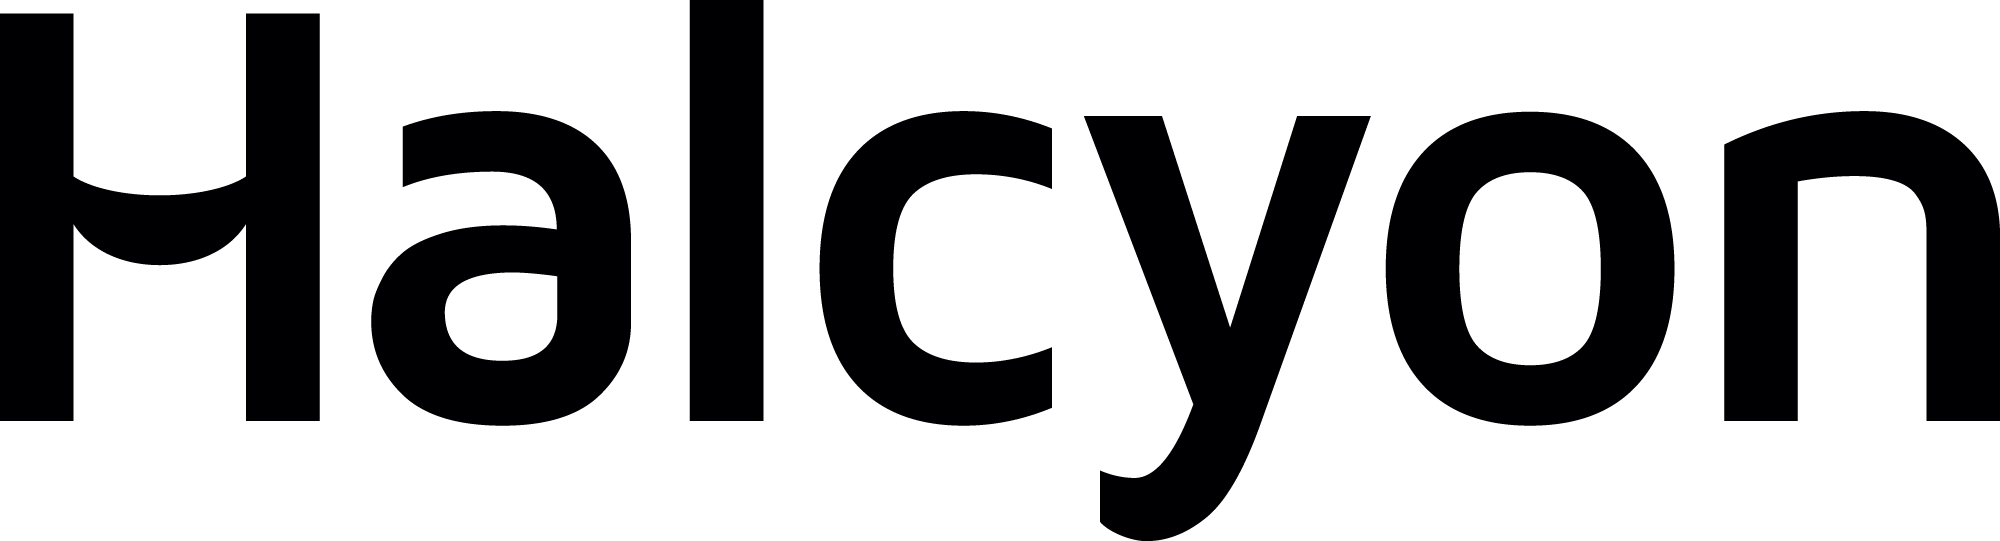 Halcyon Logo Black